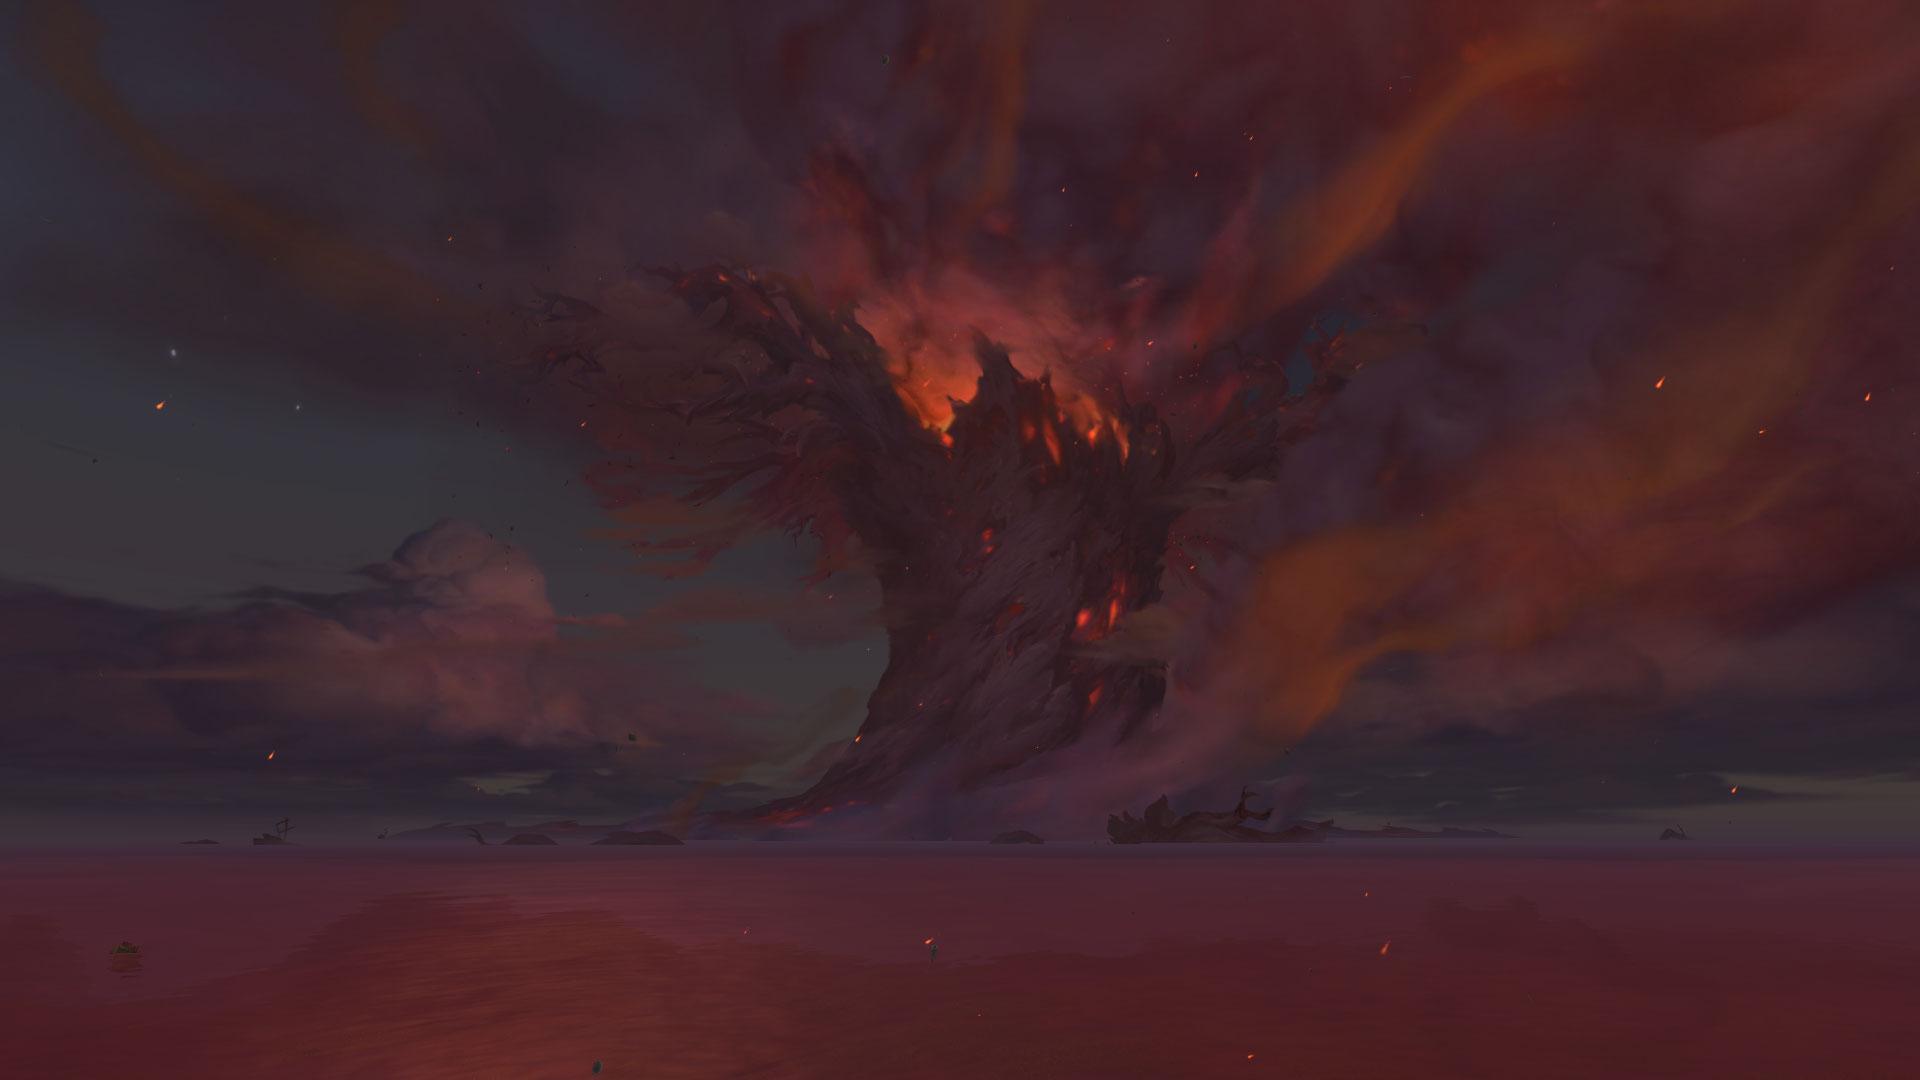 L'Arbre-monde Teldrassil incendié